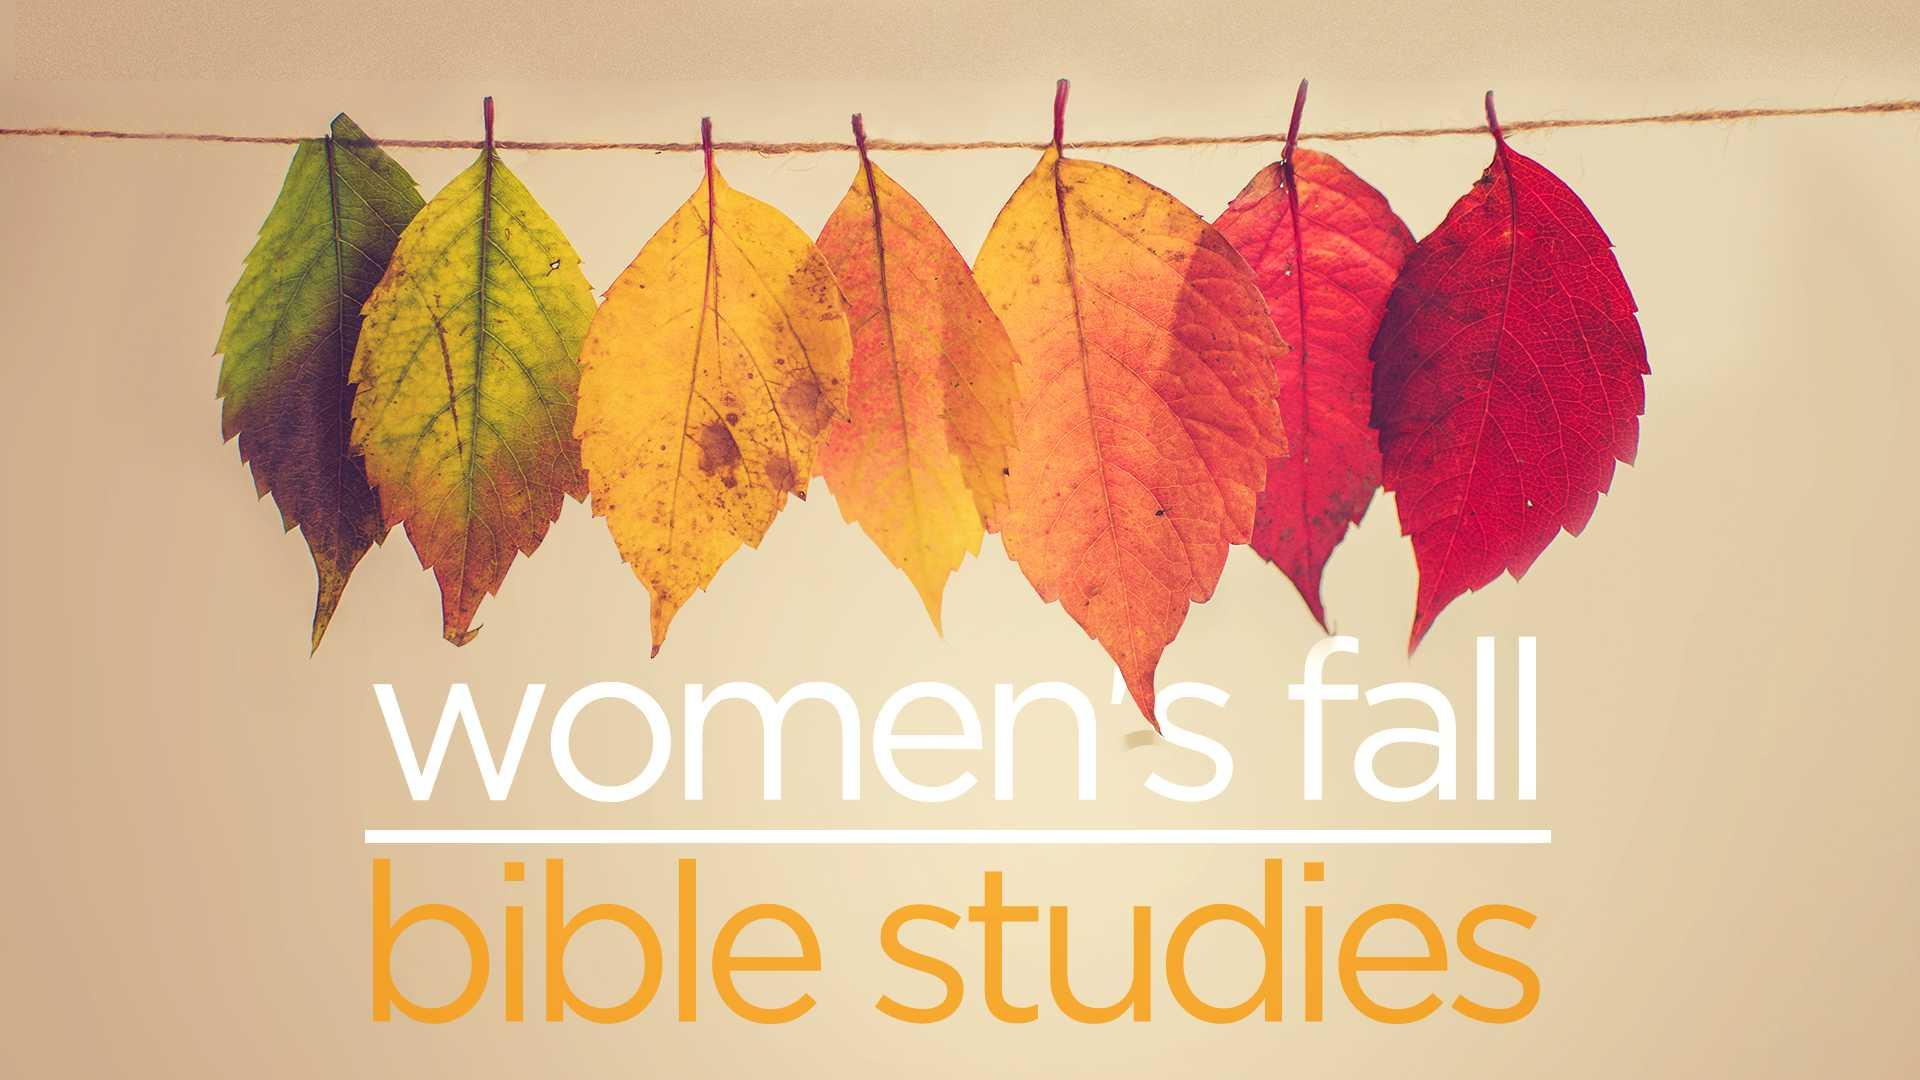 Women s fall study gen